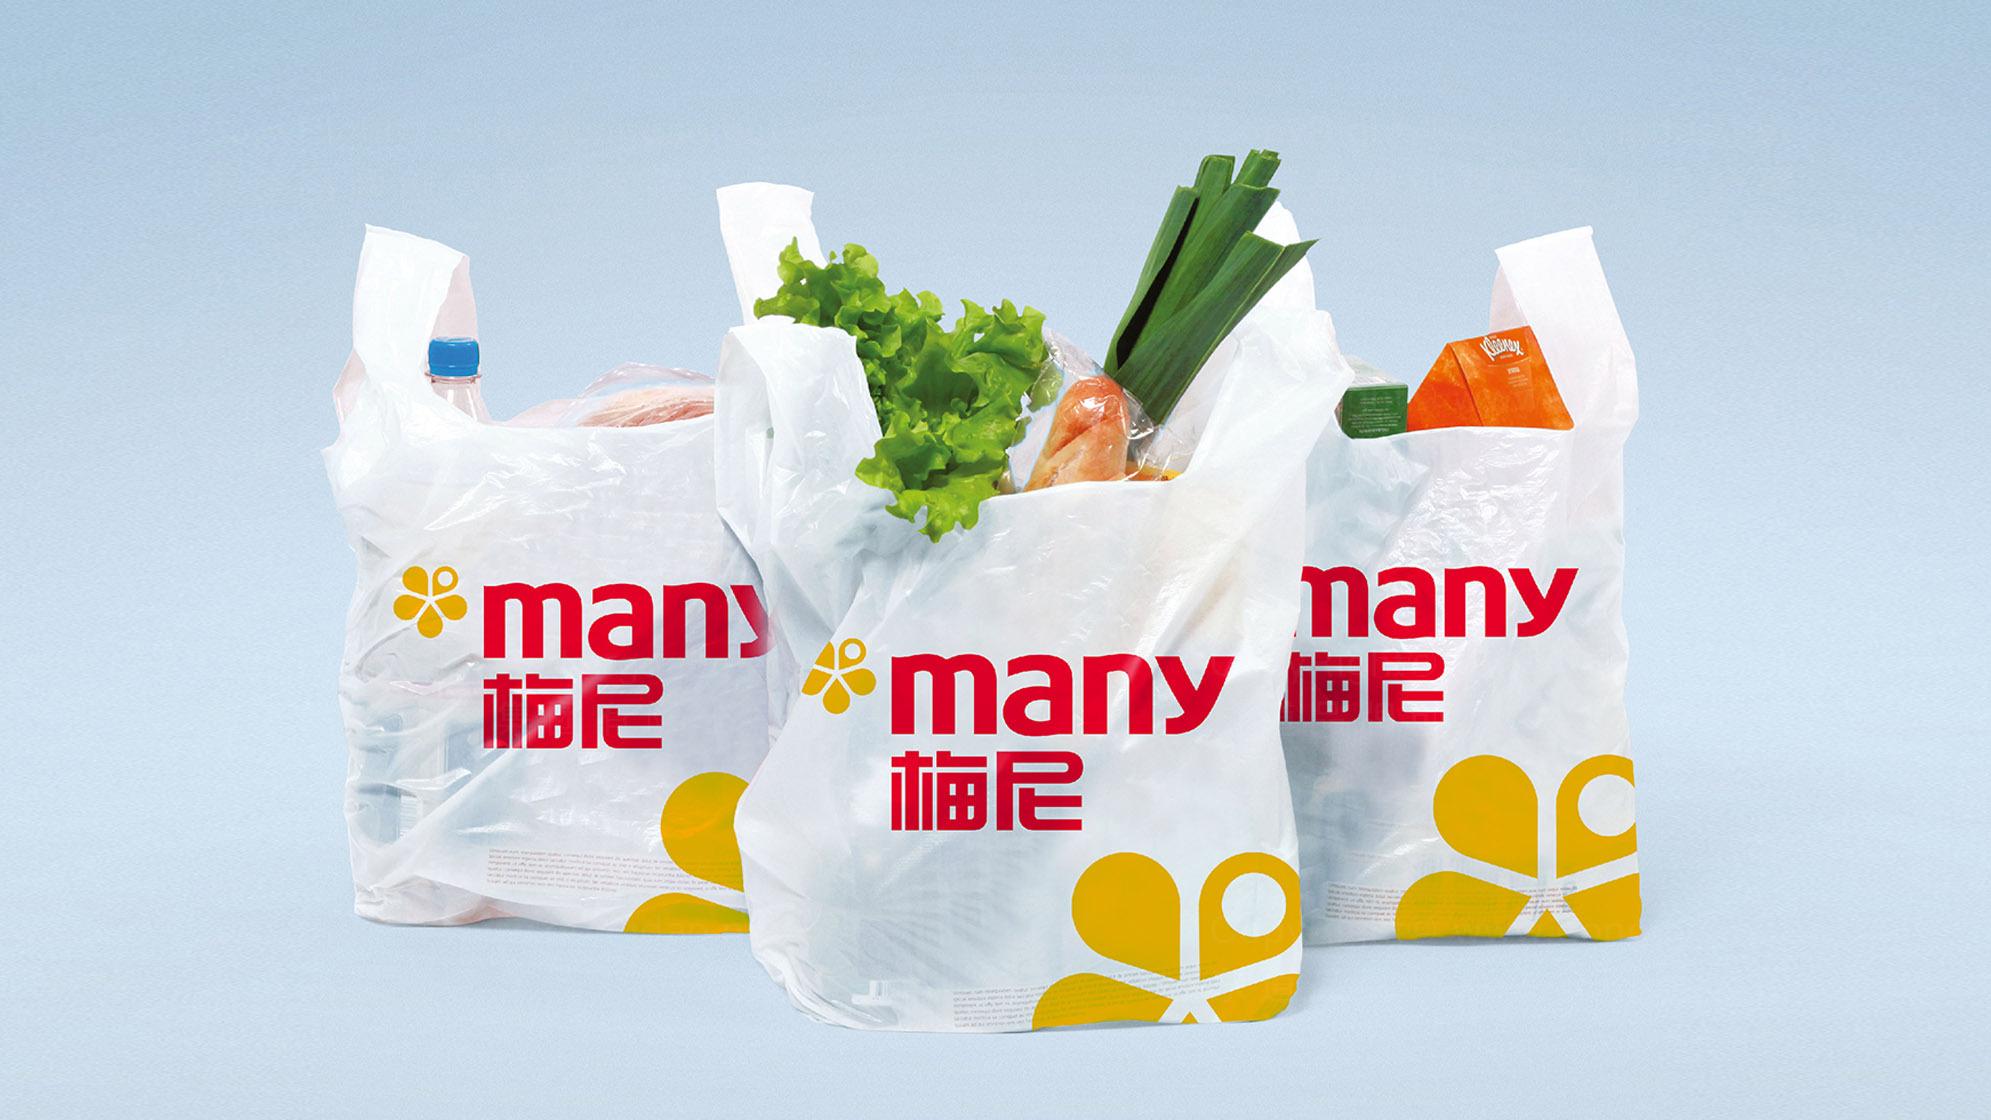 品牌设计梅尼超市LOGO&VI设计应用场景_7